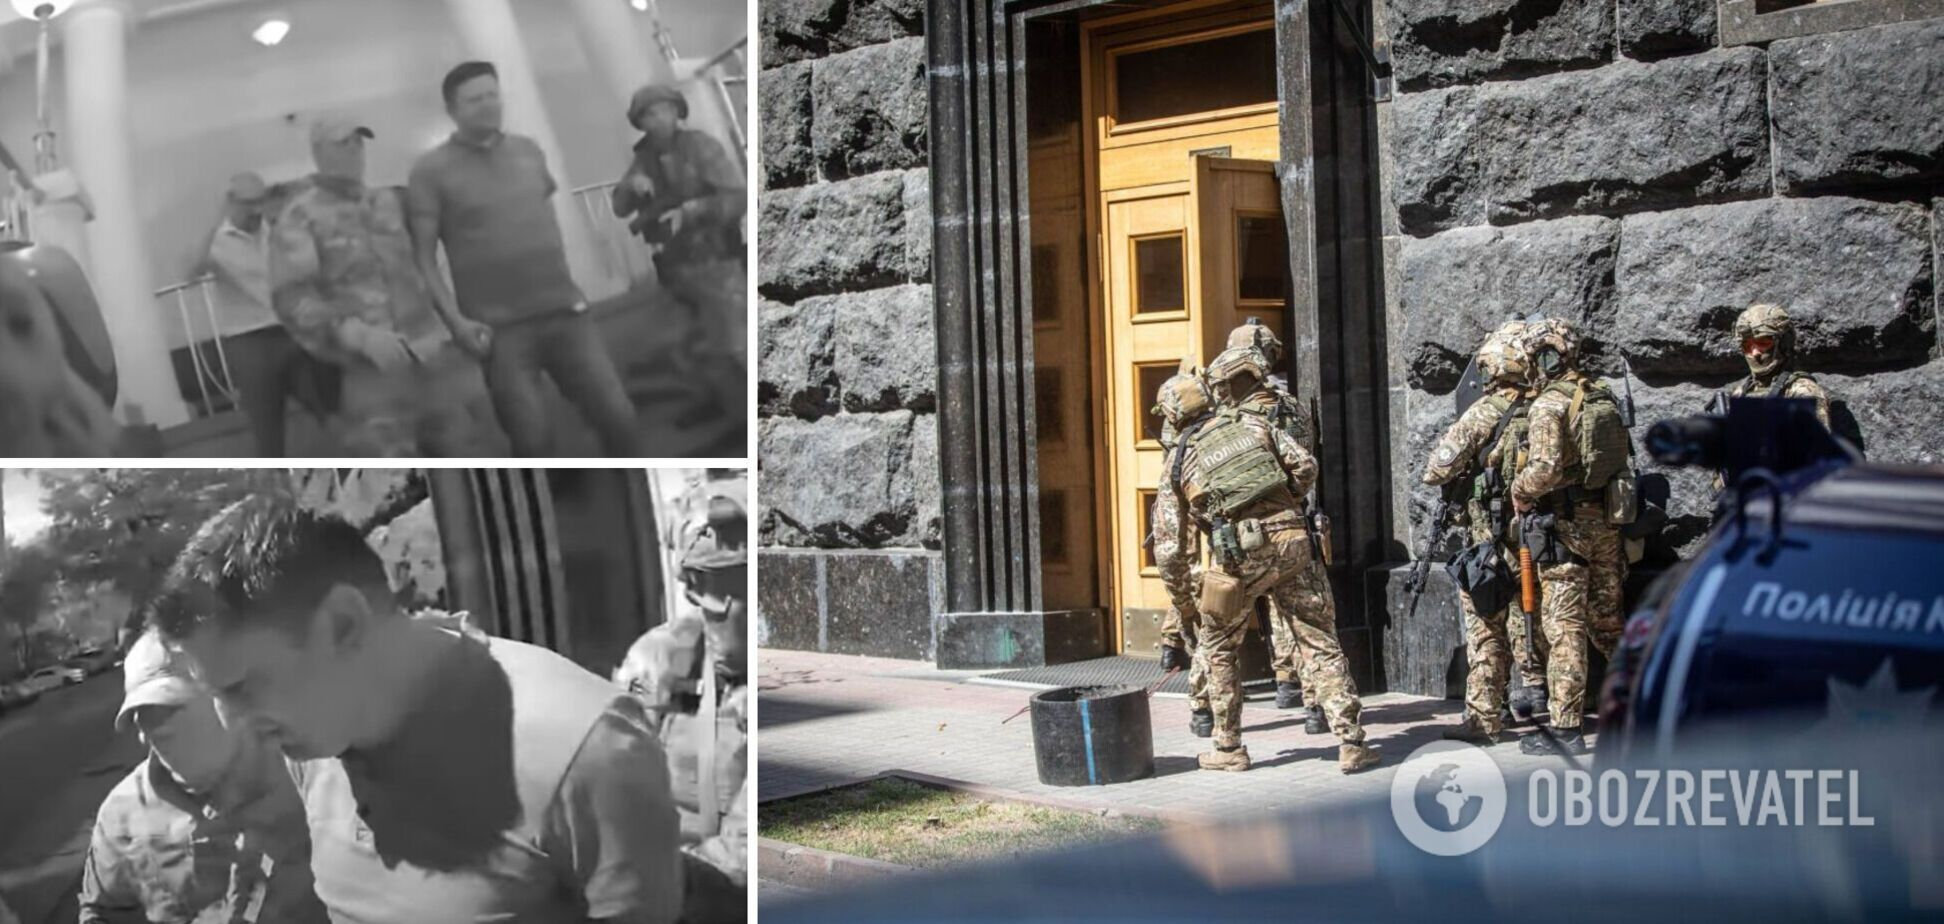 Появилось видео задержания ветерана АТО, угрожавшего взорвать Кабмин